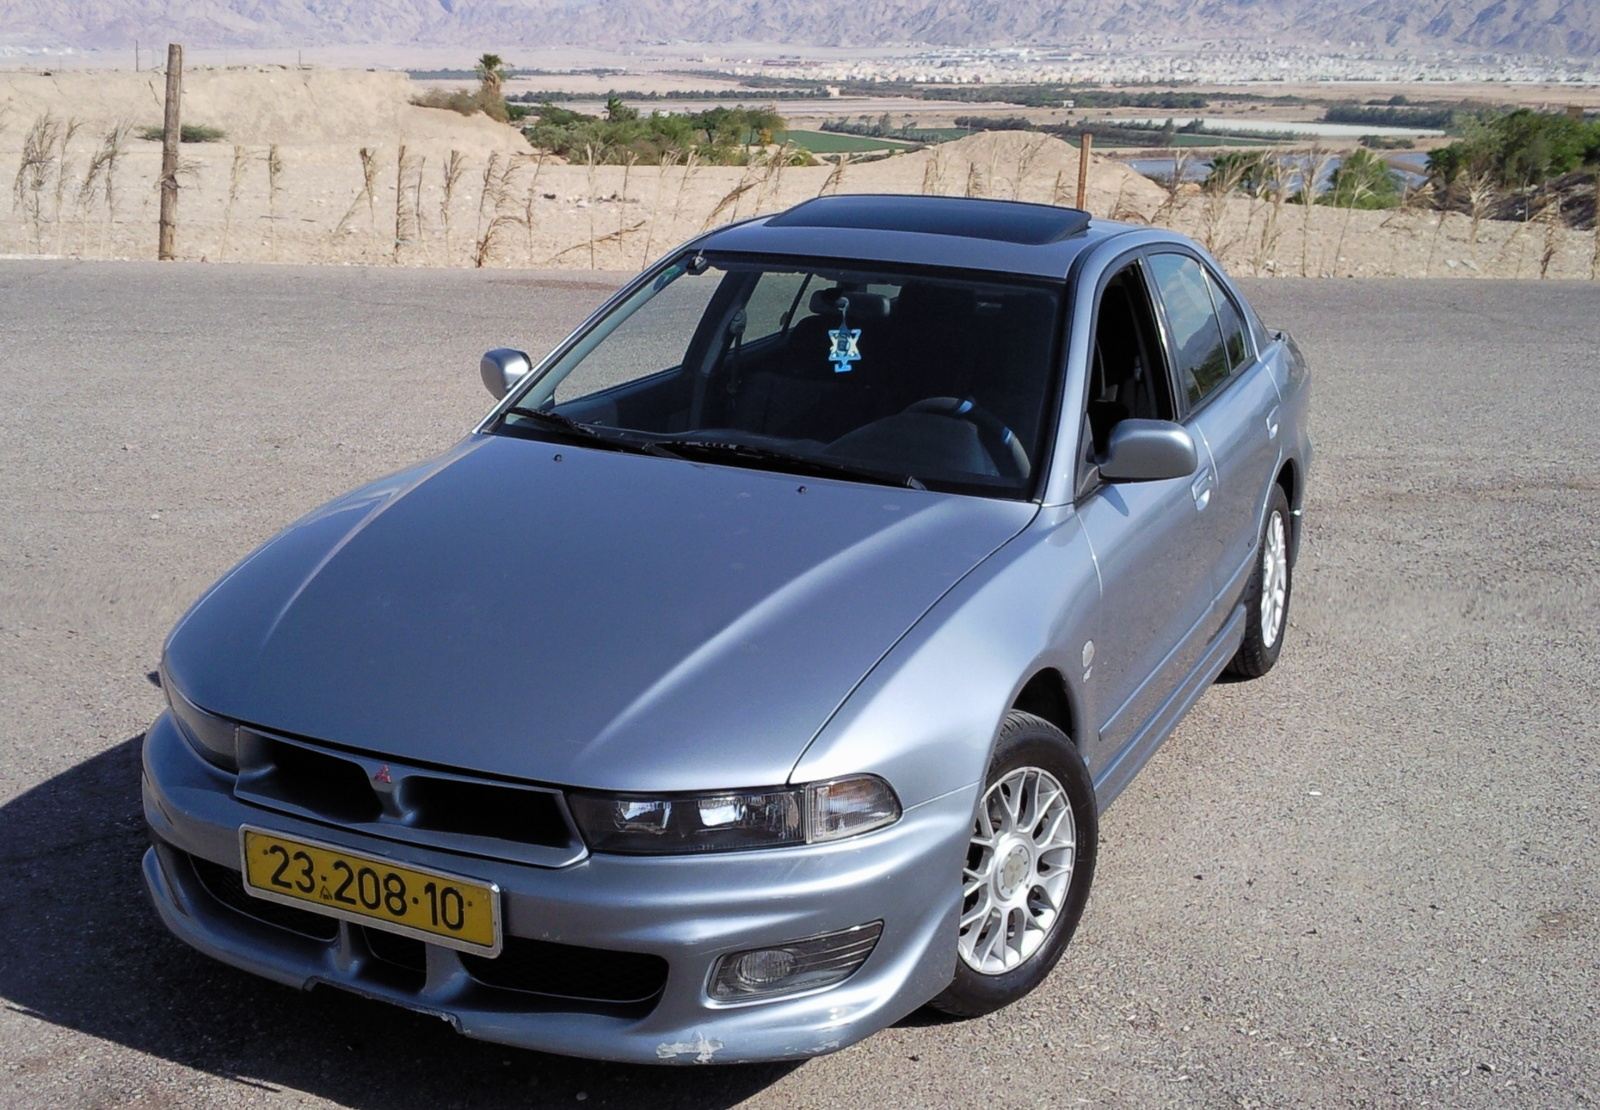 2001 Mitsubishi Galant Pictures Cargurus